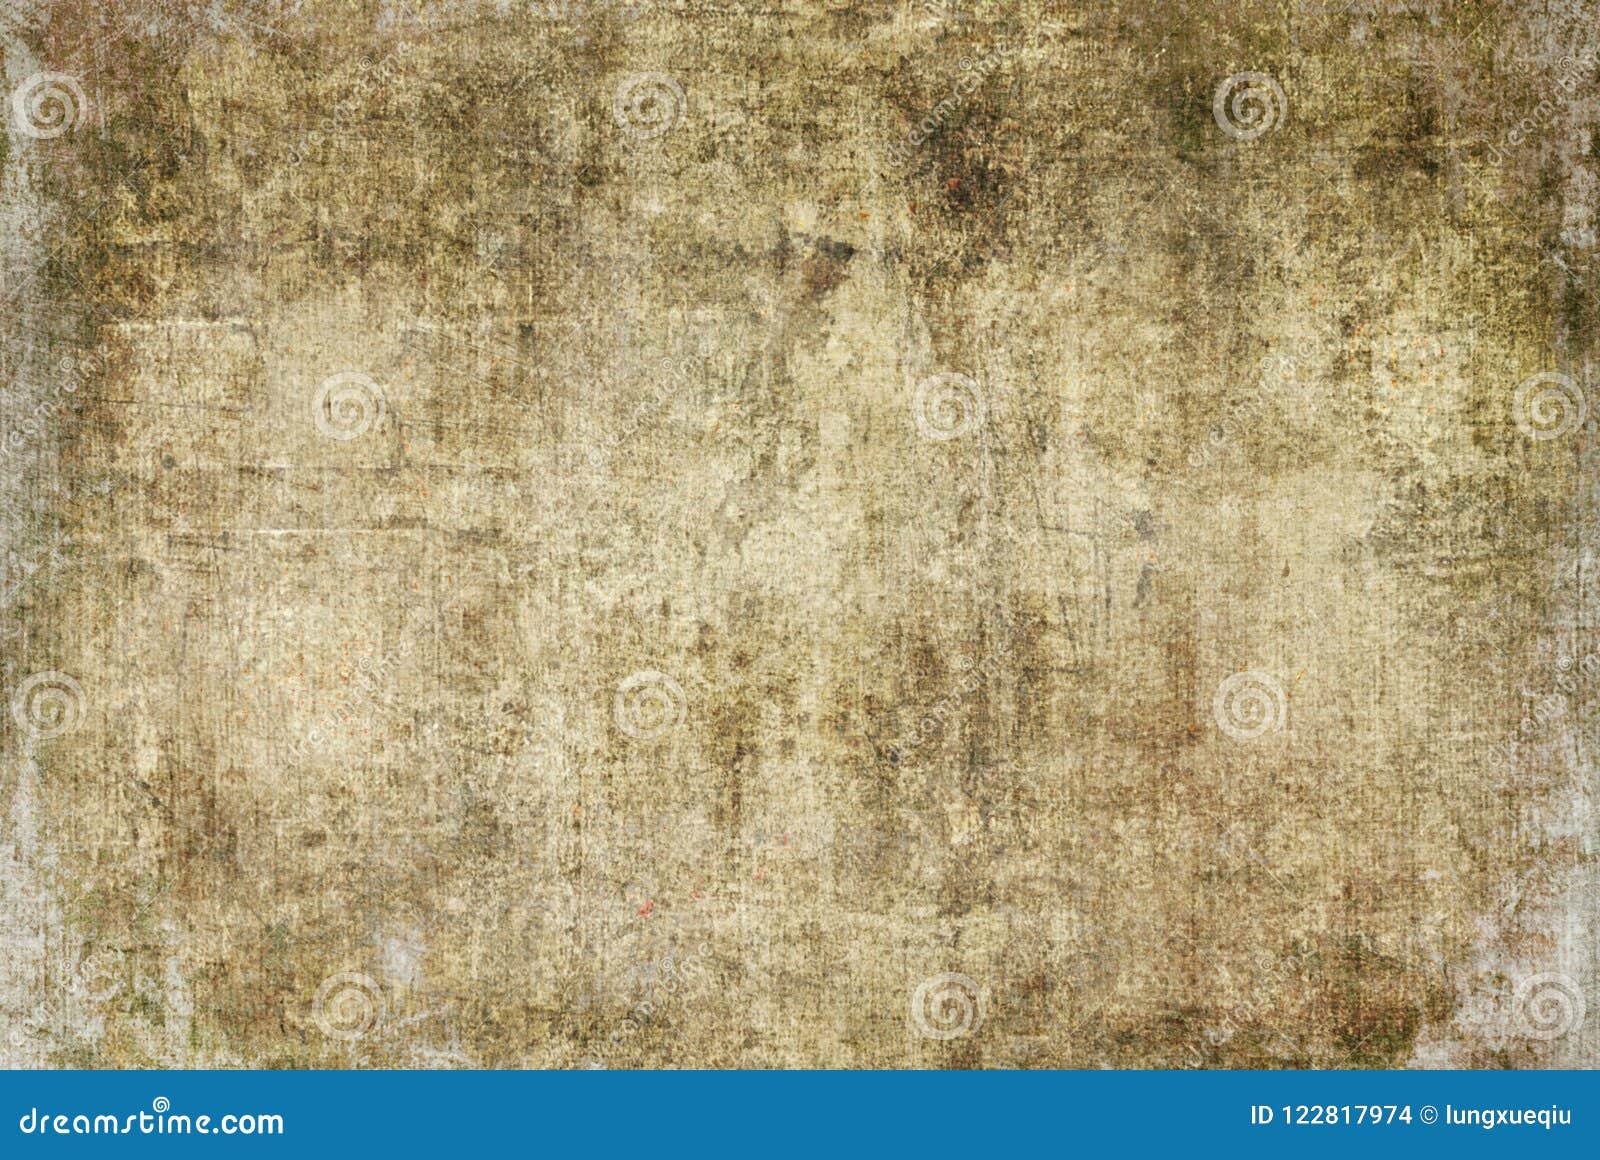 Het Canvas van aard Bruin Gebarsten Grunge Donker Rusty Distorted Decay Old Abstract het Schilderen Textuurpatroon Autumn Backgro